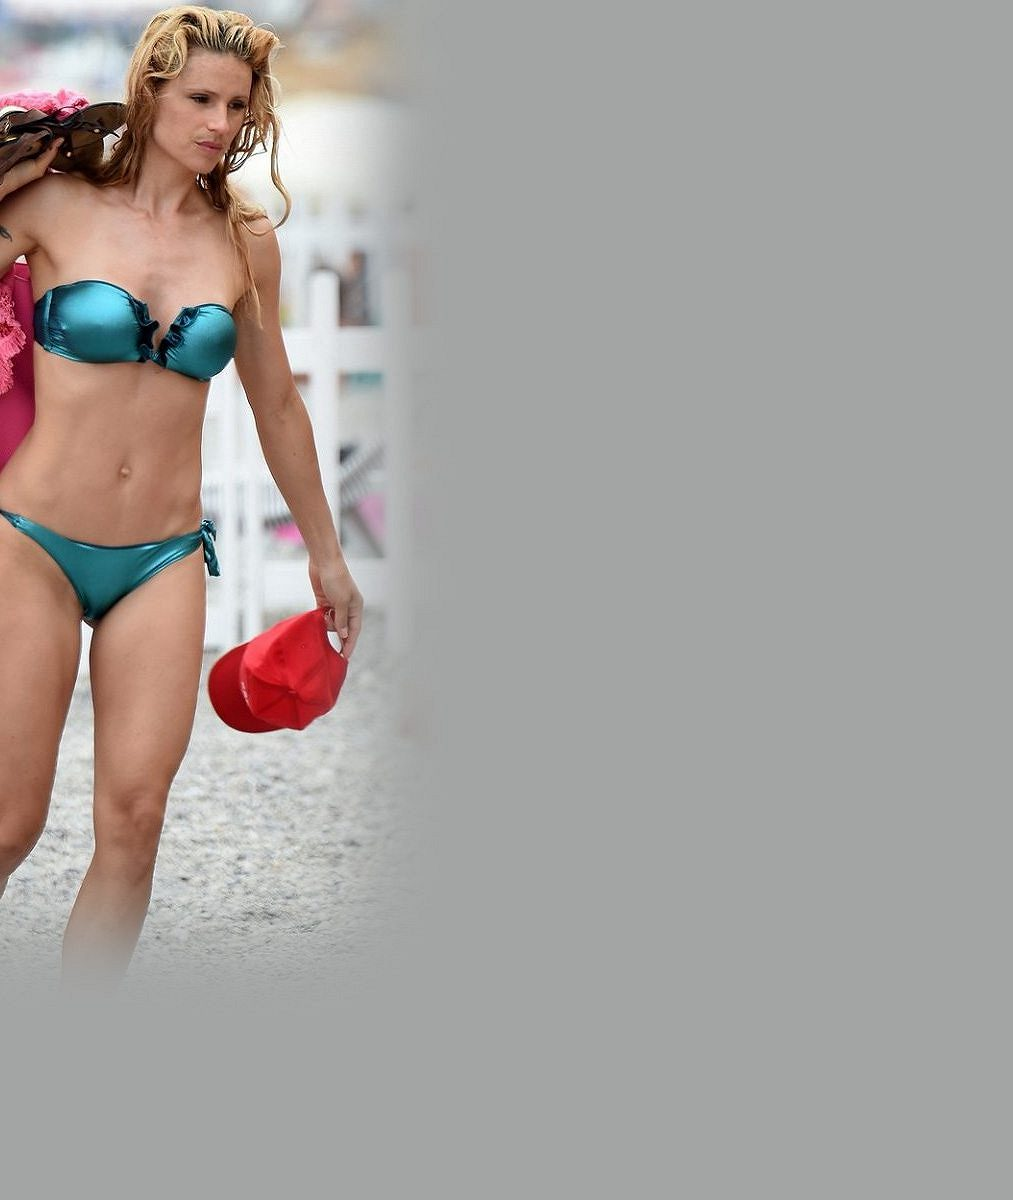 Erosova exmanželka je v bikinách dokonalá: Klidně by si mohla ubrat polovinu věku